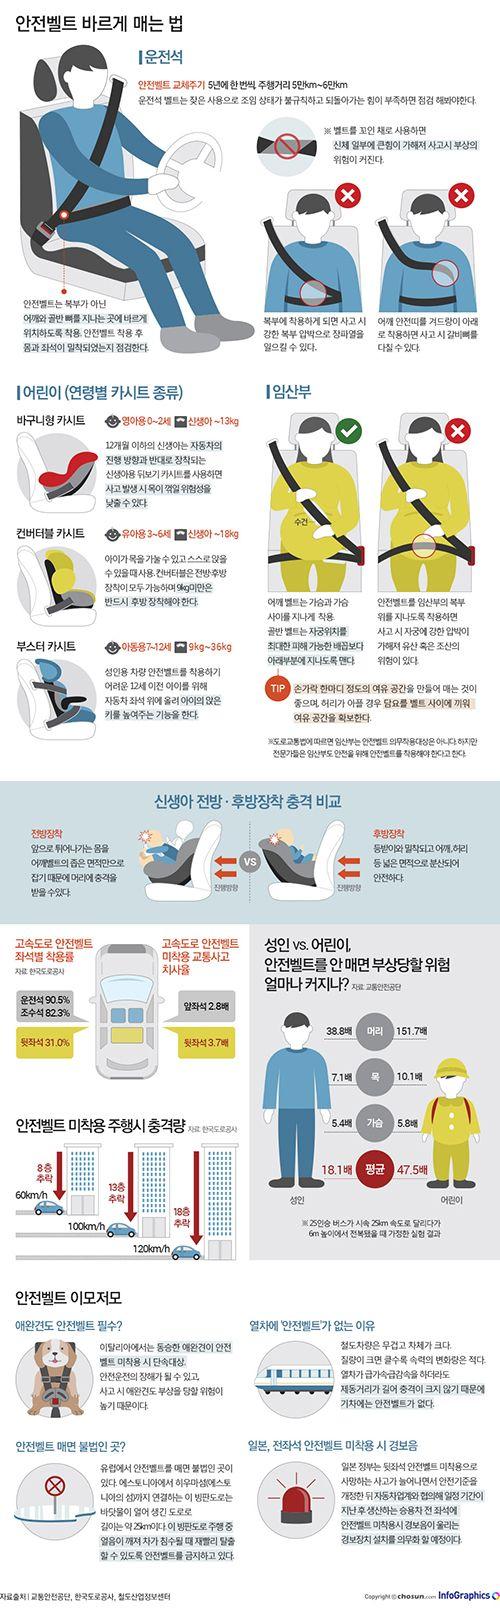 안전벨트를 복부에 착용?… 올바른 안전벨트 착용법 따로 있다